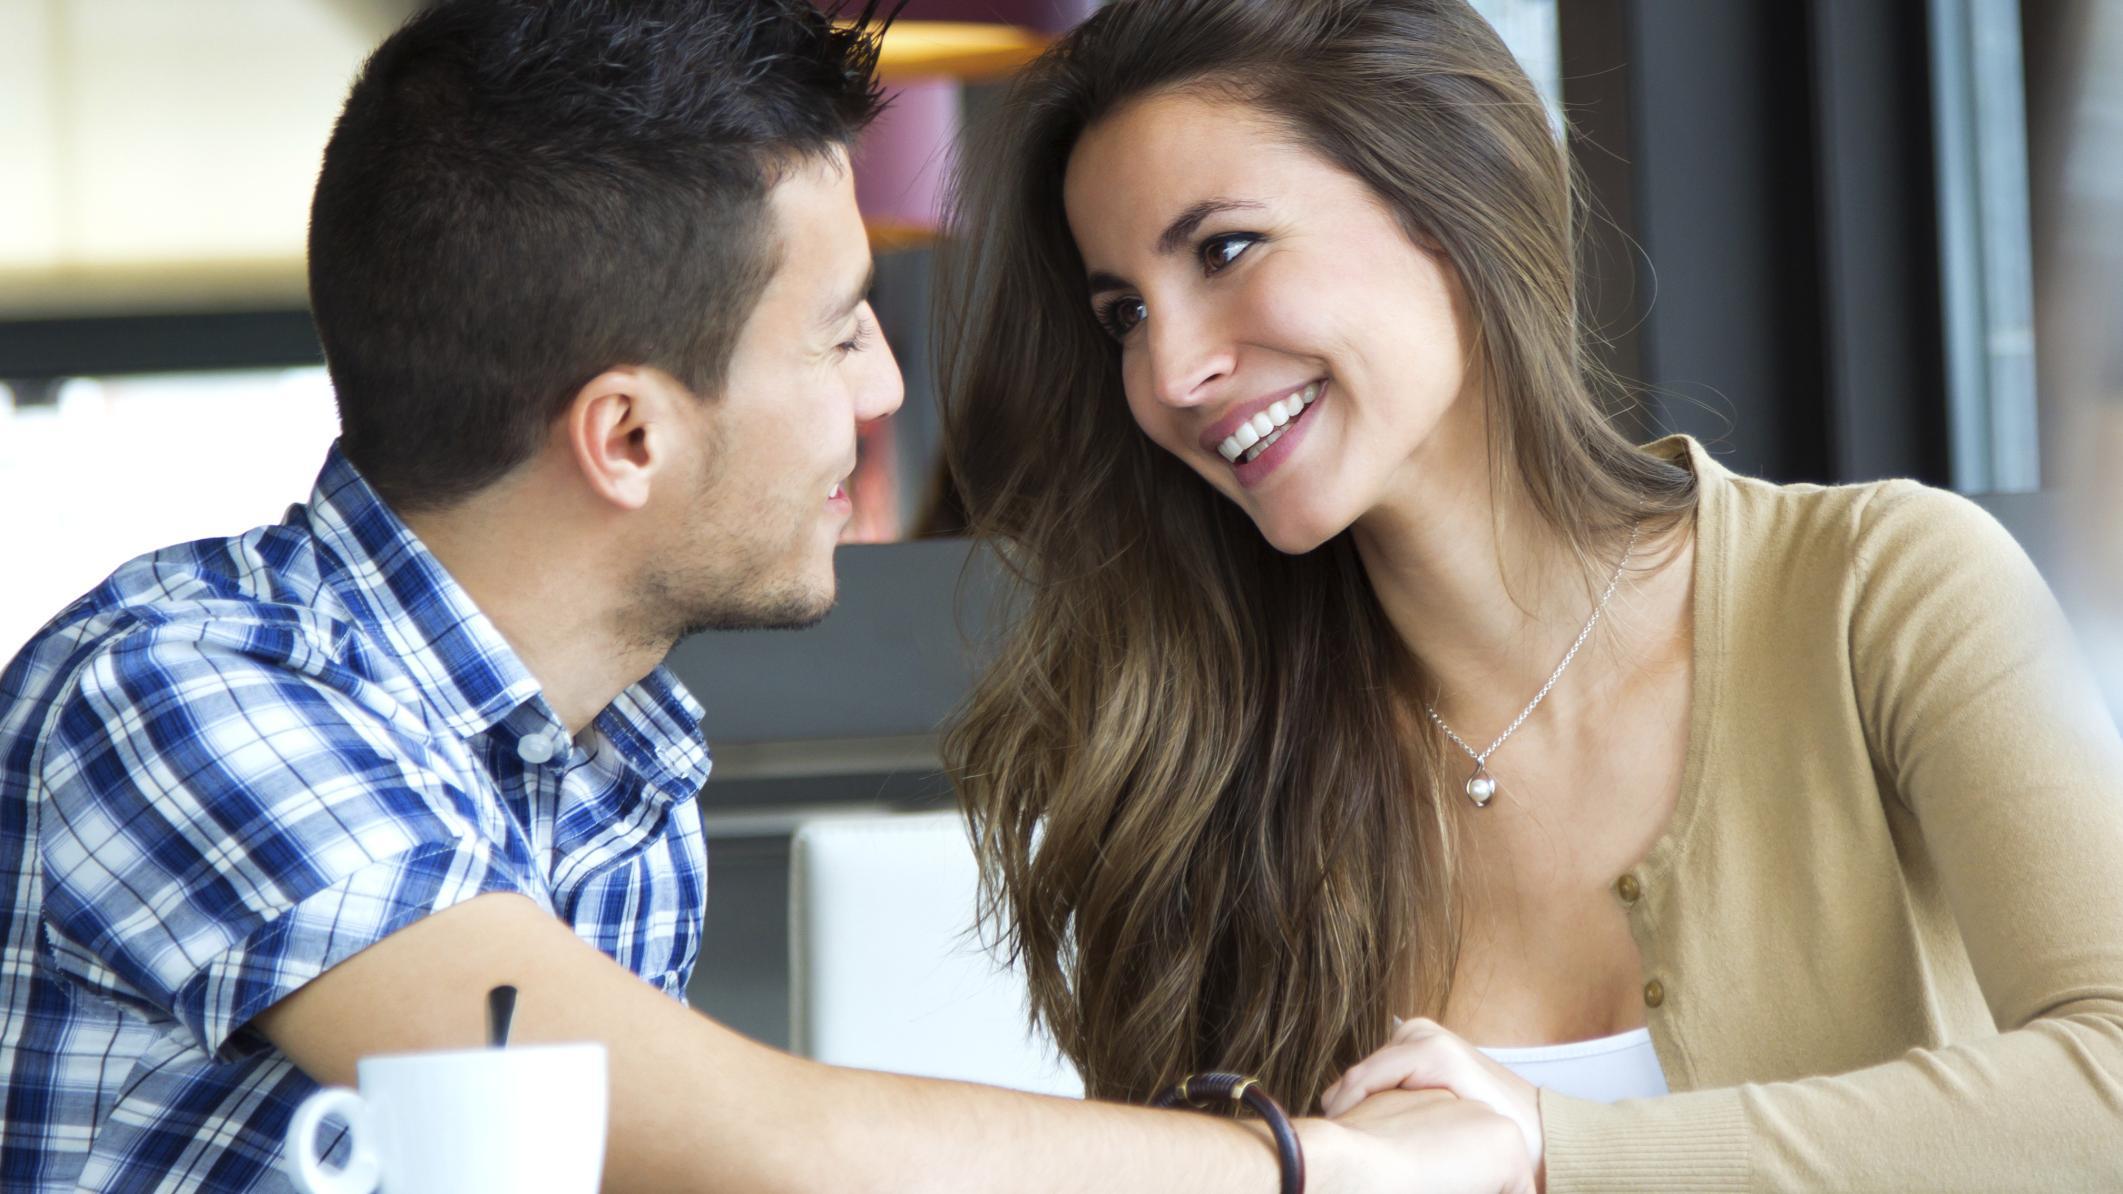 przykłady wstępu do profilu randkowego chodzimy na randki czy spędzamy czas